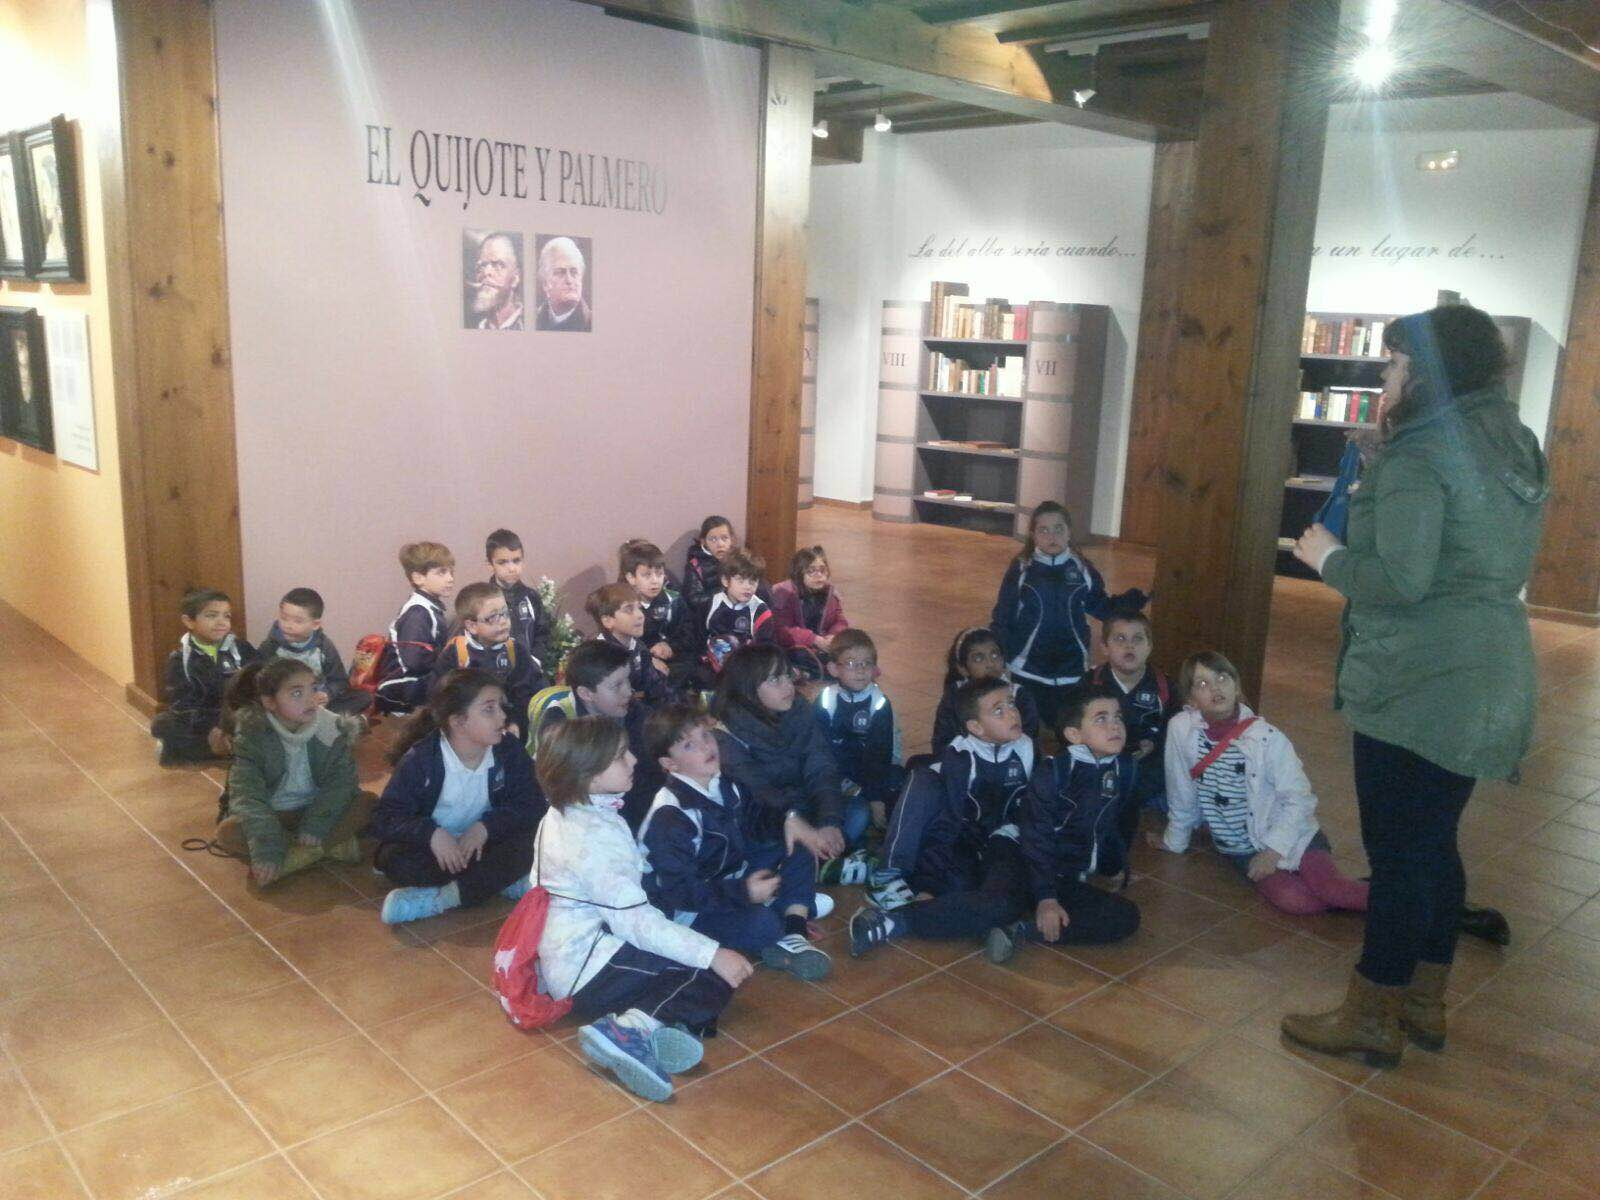 visita colegio a expo  los quijotes de Almodovar y Palmero 2